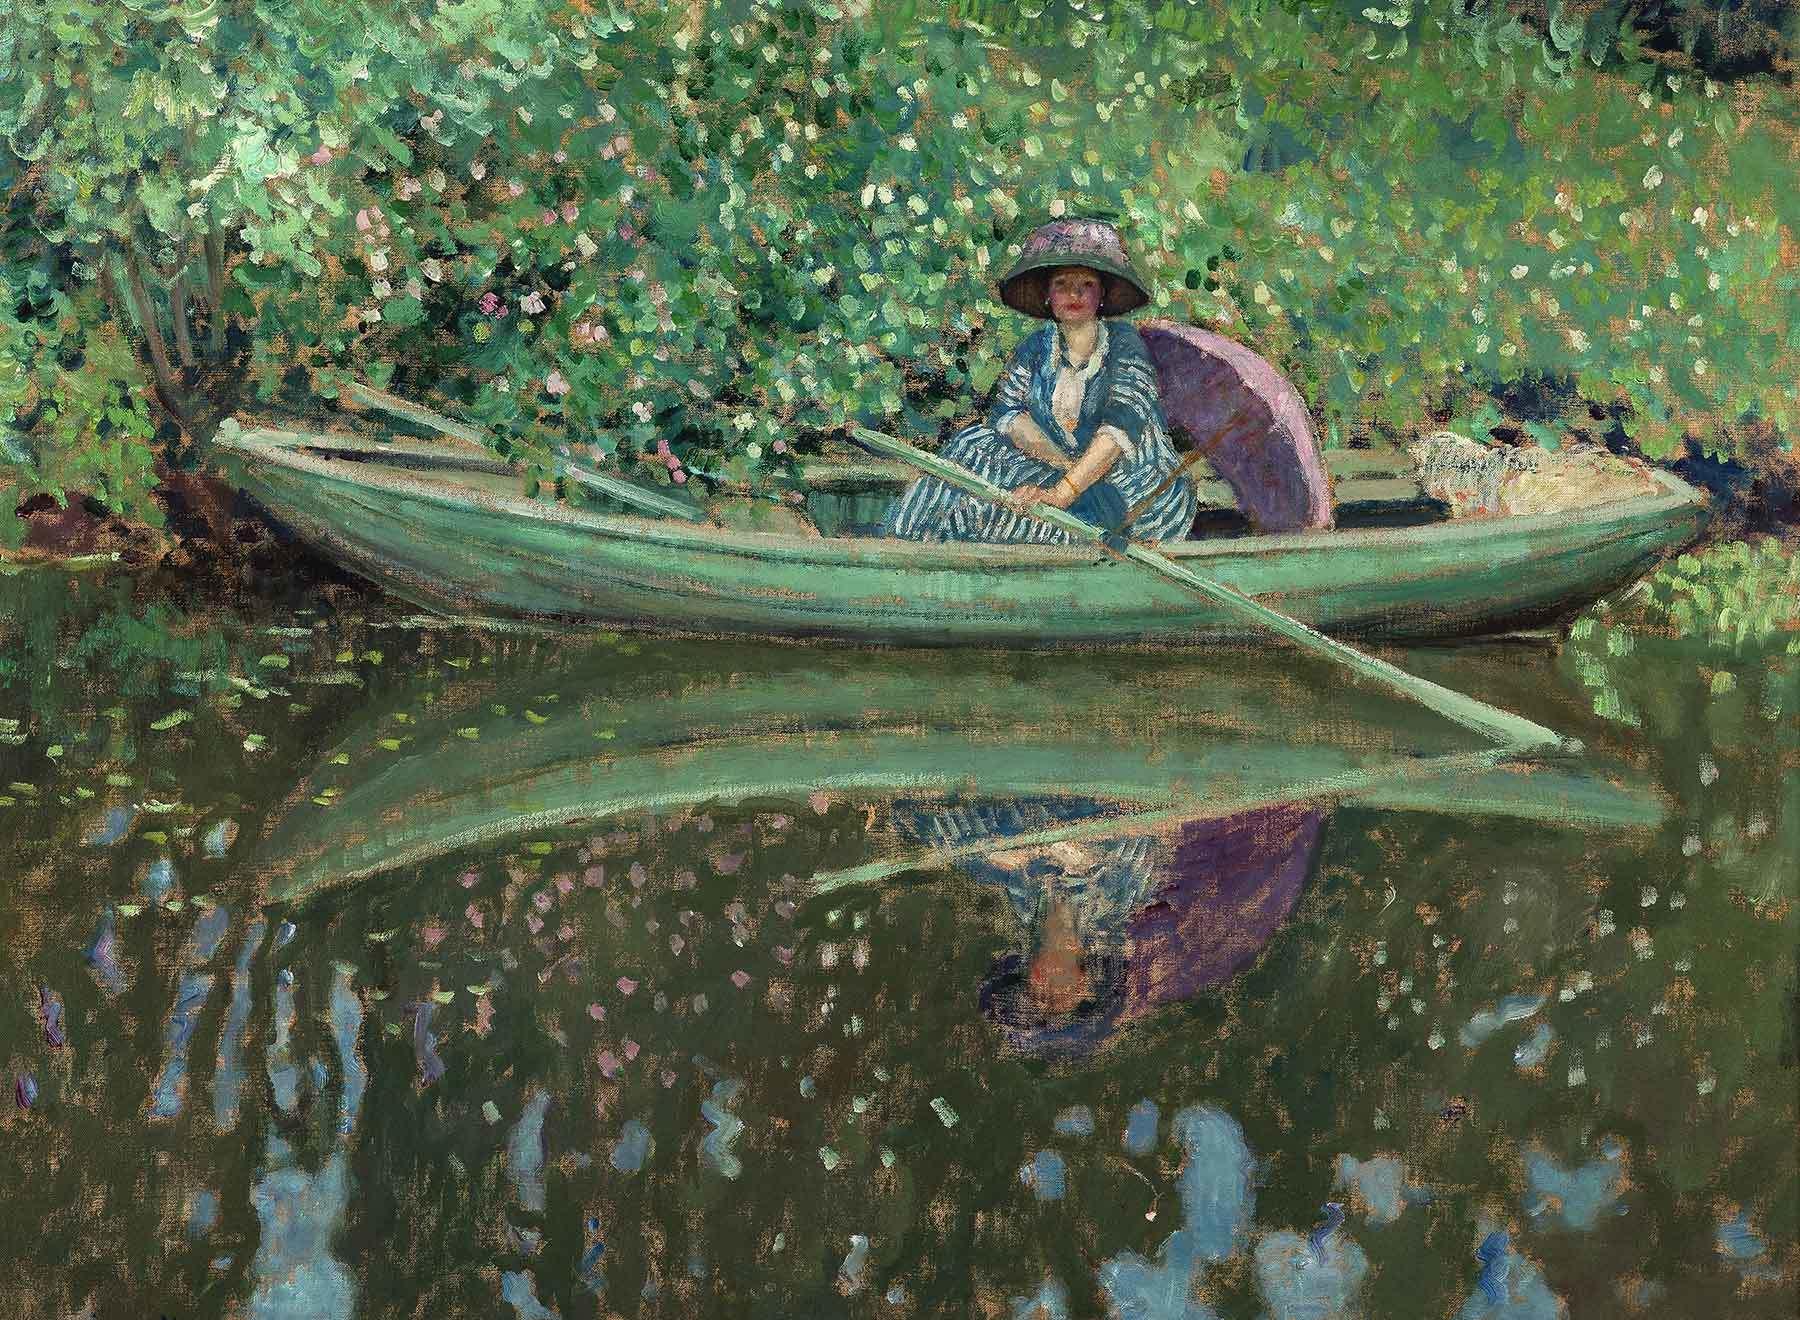 Frederick Carl Frieseke, On the River, 1908